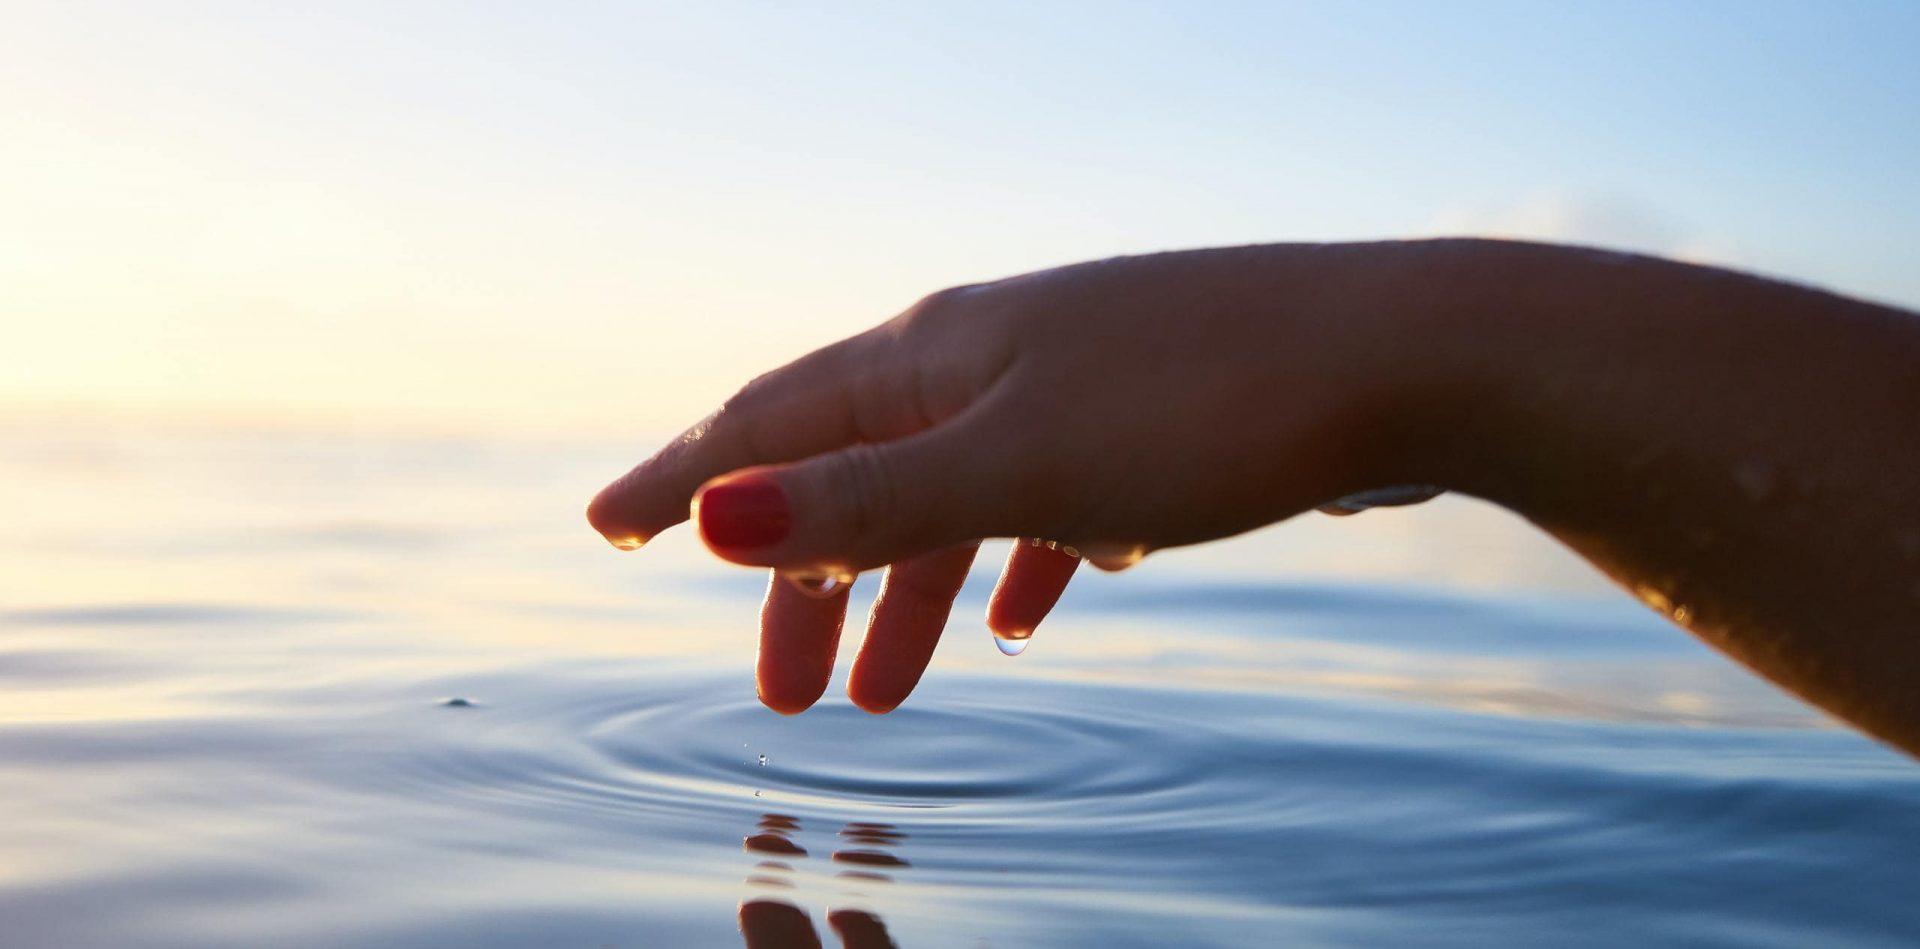 hånd i vand